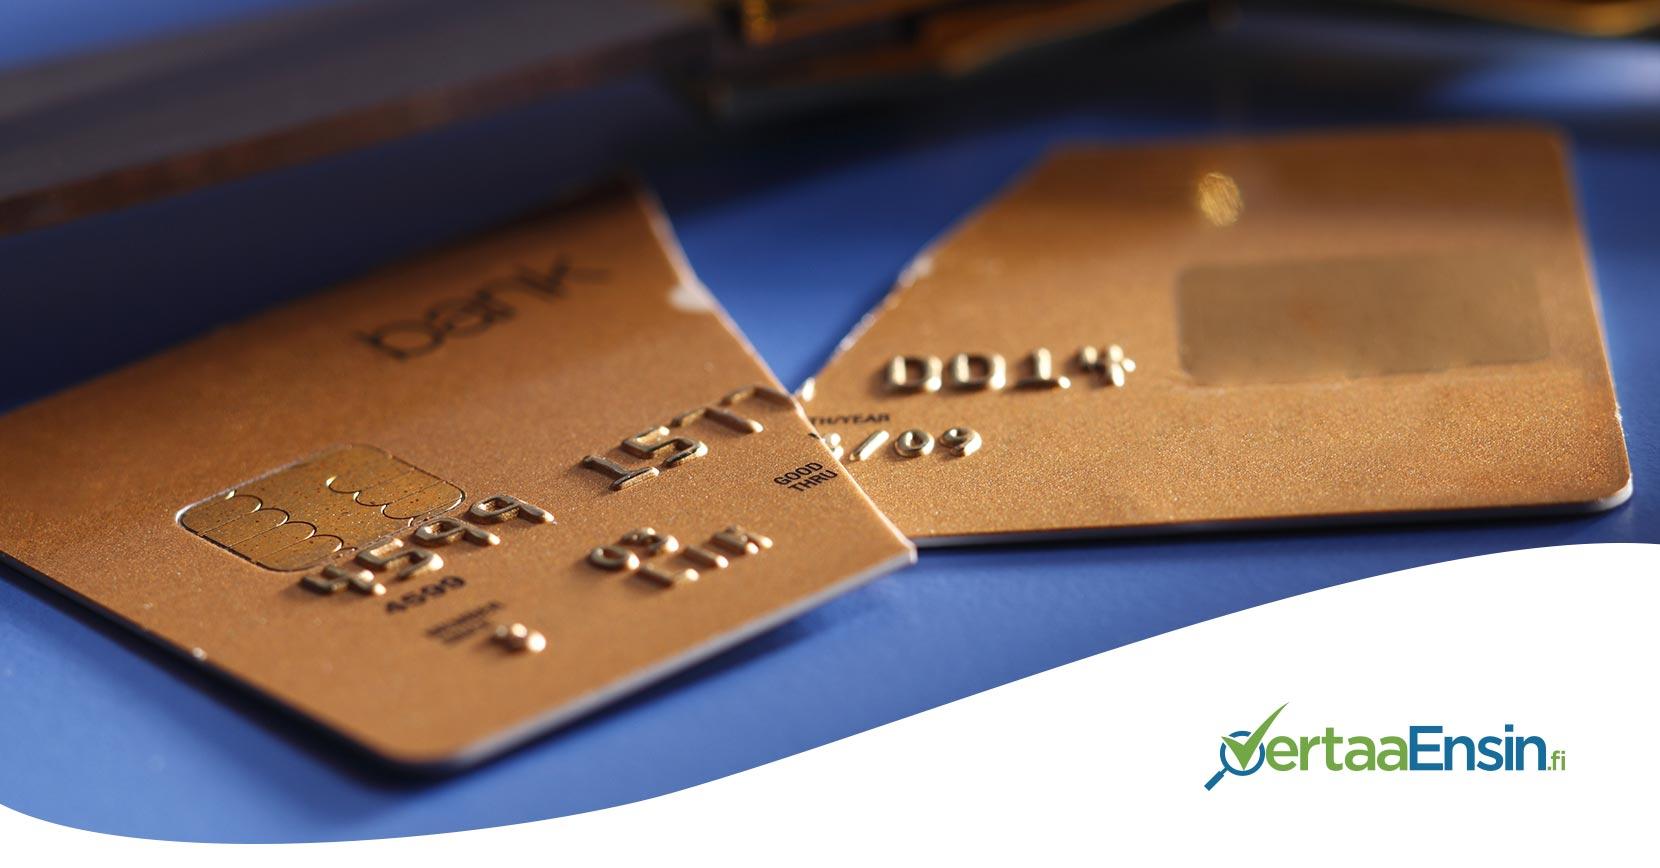 Luottokortilla